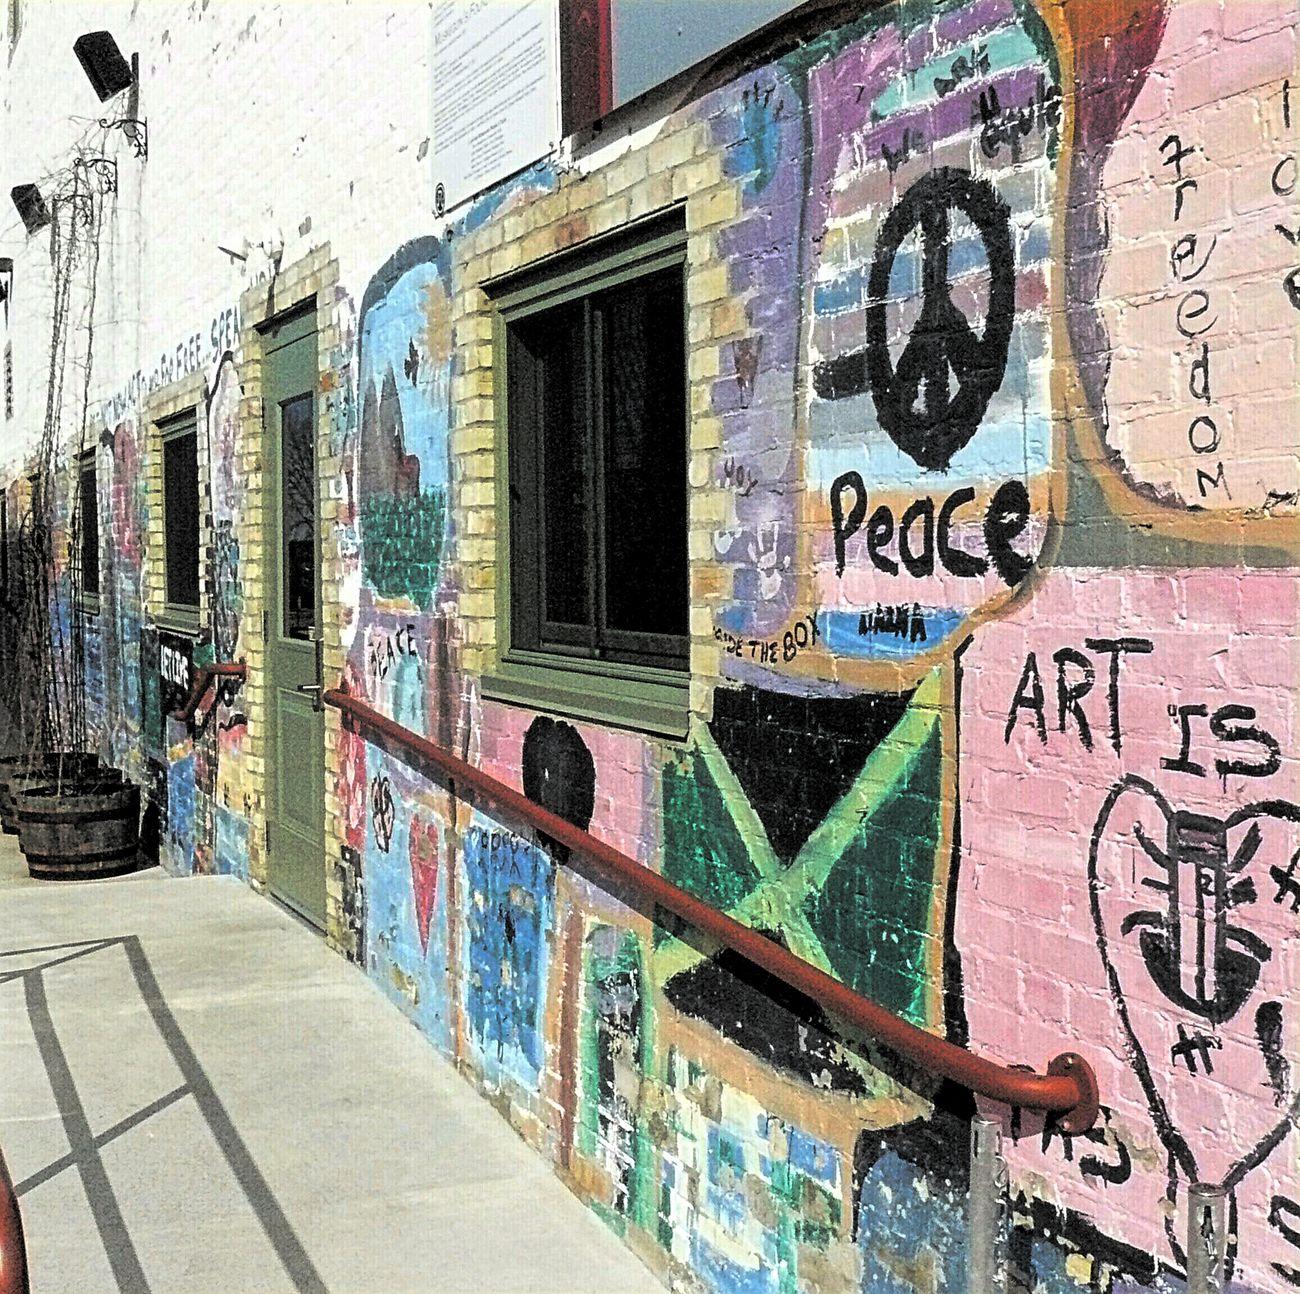 Pastel Power Wall Art Grafitti Graffiti Art Exspression Walkway Paths Peace ✌ Here Belongs To Me